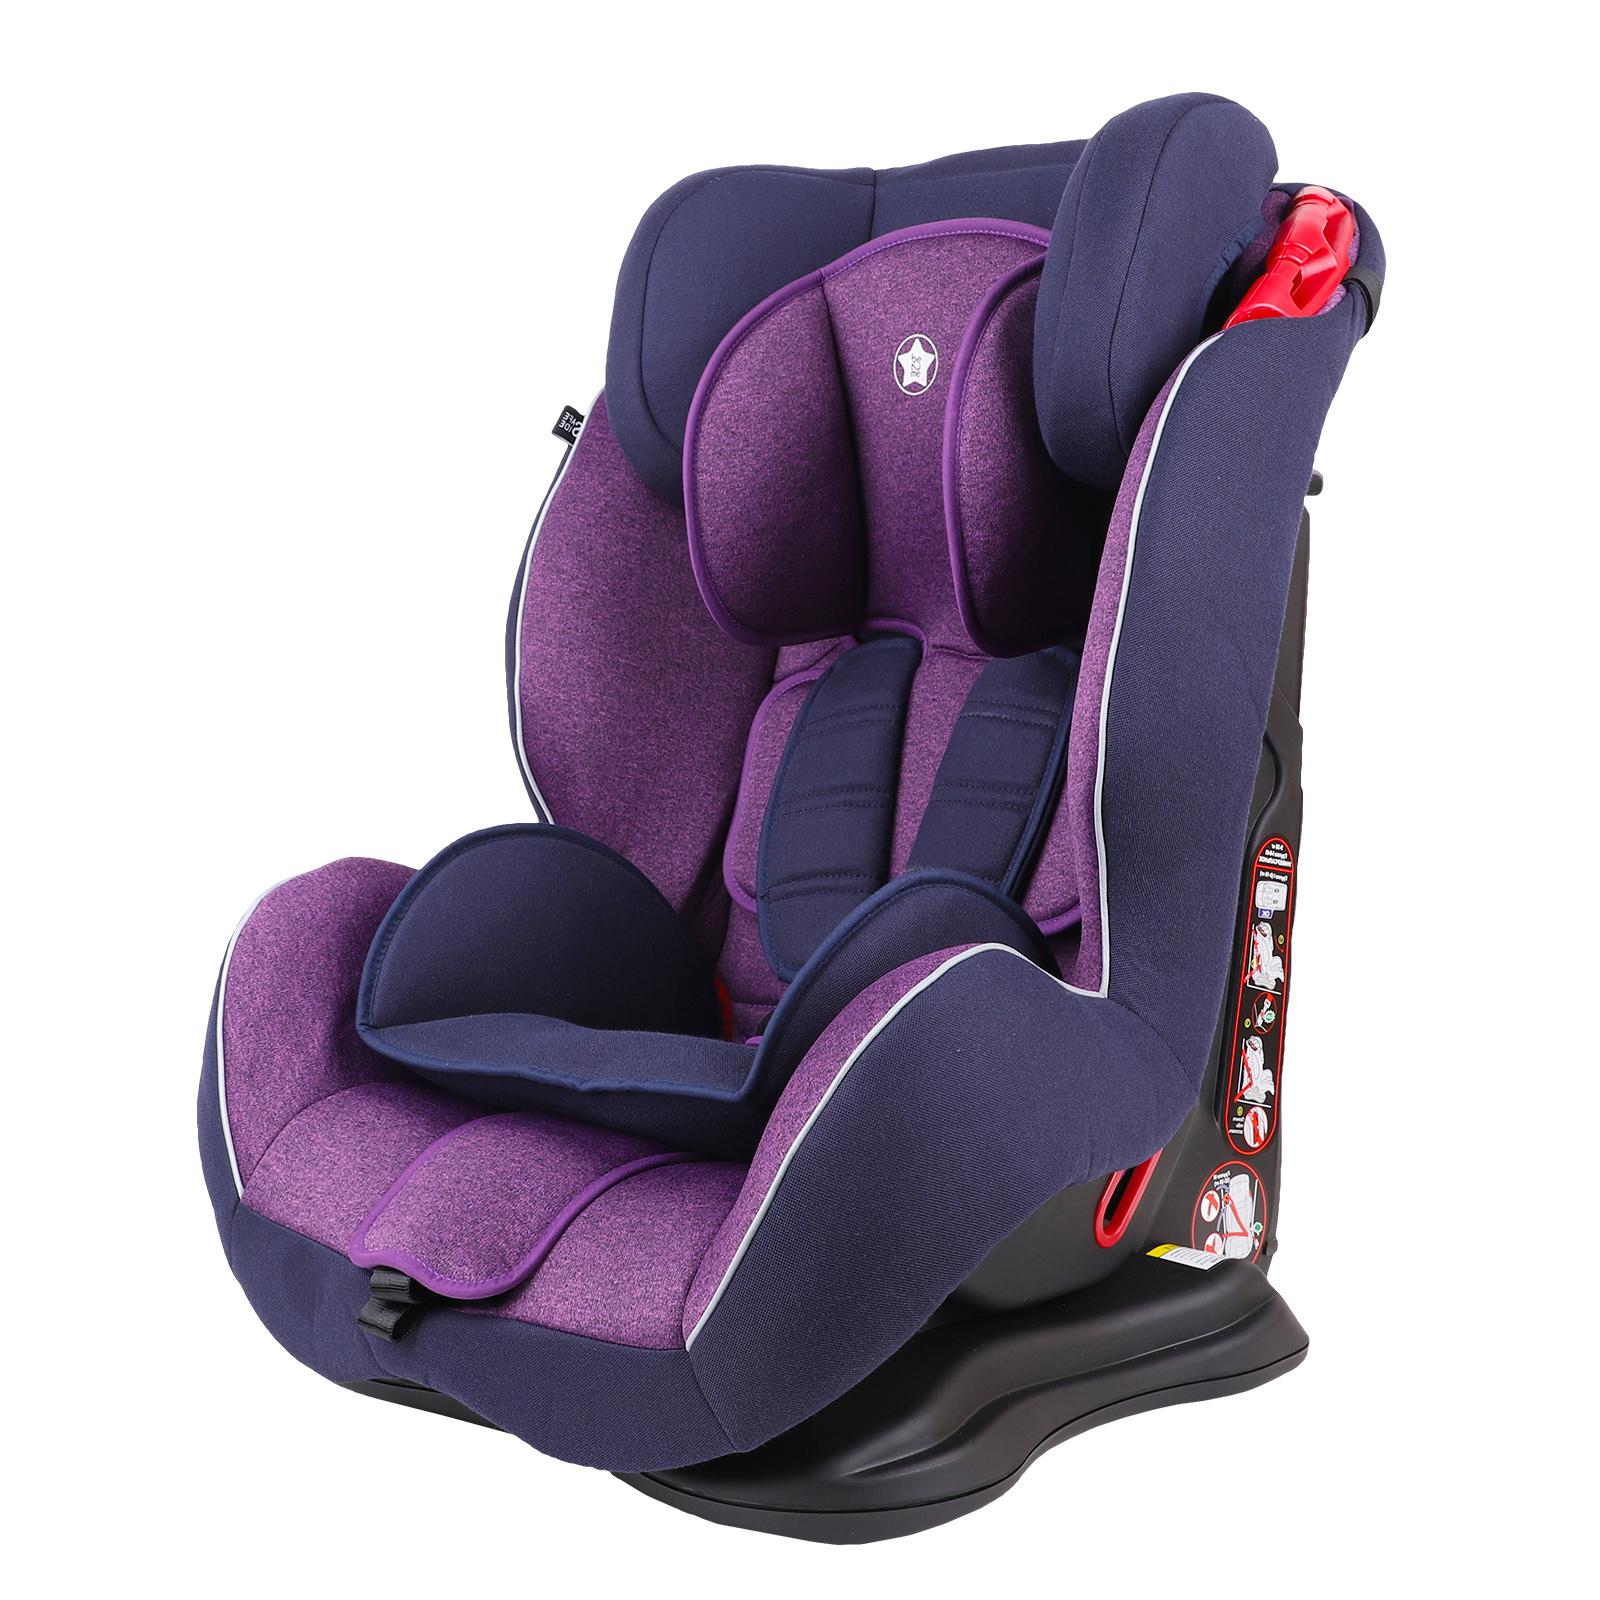 Автокресло Be2Me фиолетовый с синим, группа 1/2/3, 9-36 кг автокресло be2me фиолетовый с синим группа 1 2 3 9 36 кг